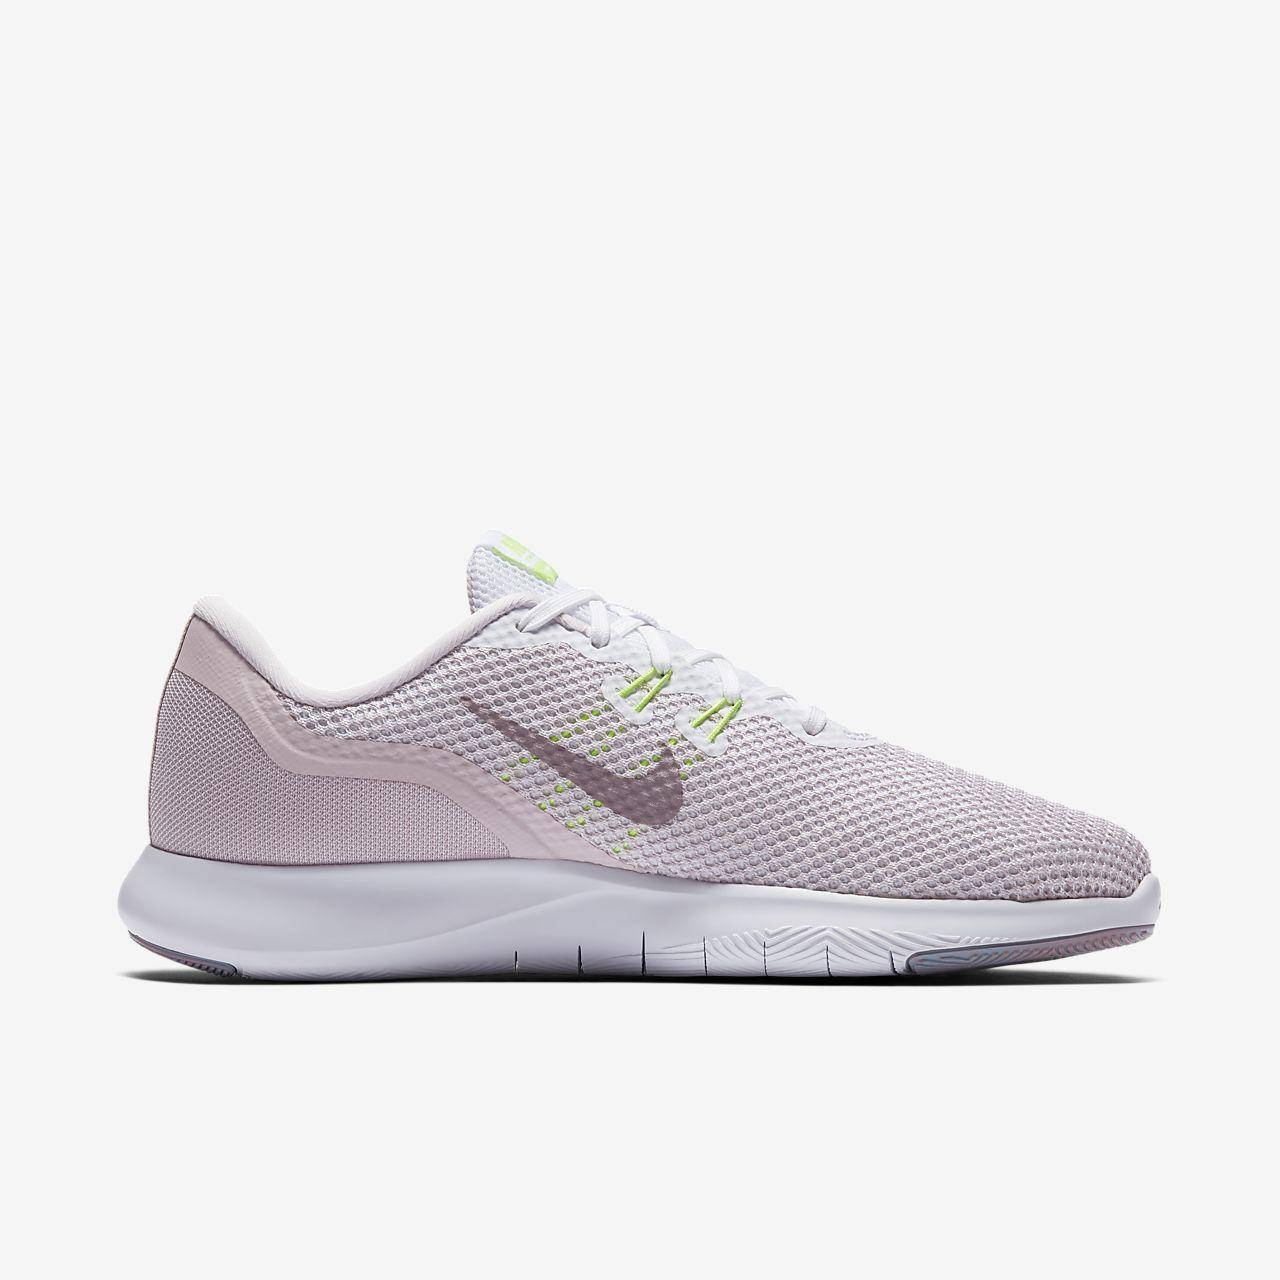 Pour Femme Trainer FitnessDanse 7 De Flex Aérobic Nike Et Chaussure wknP0O